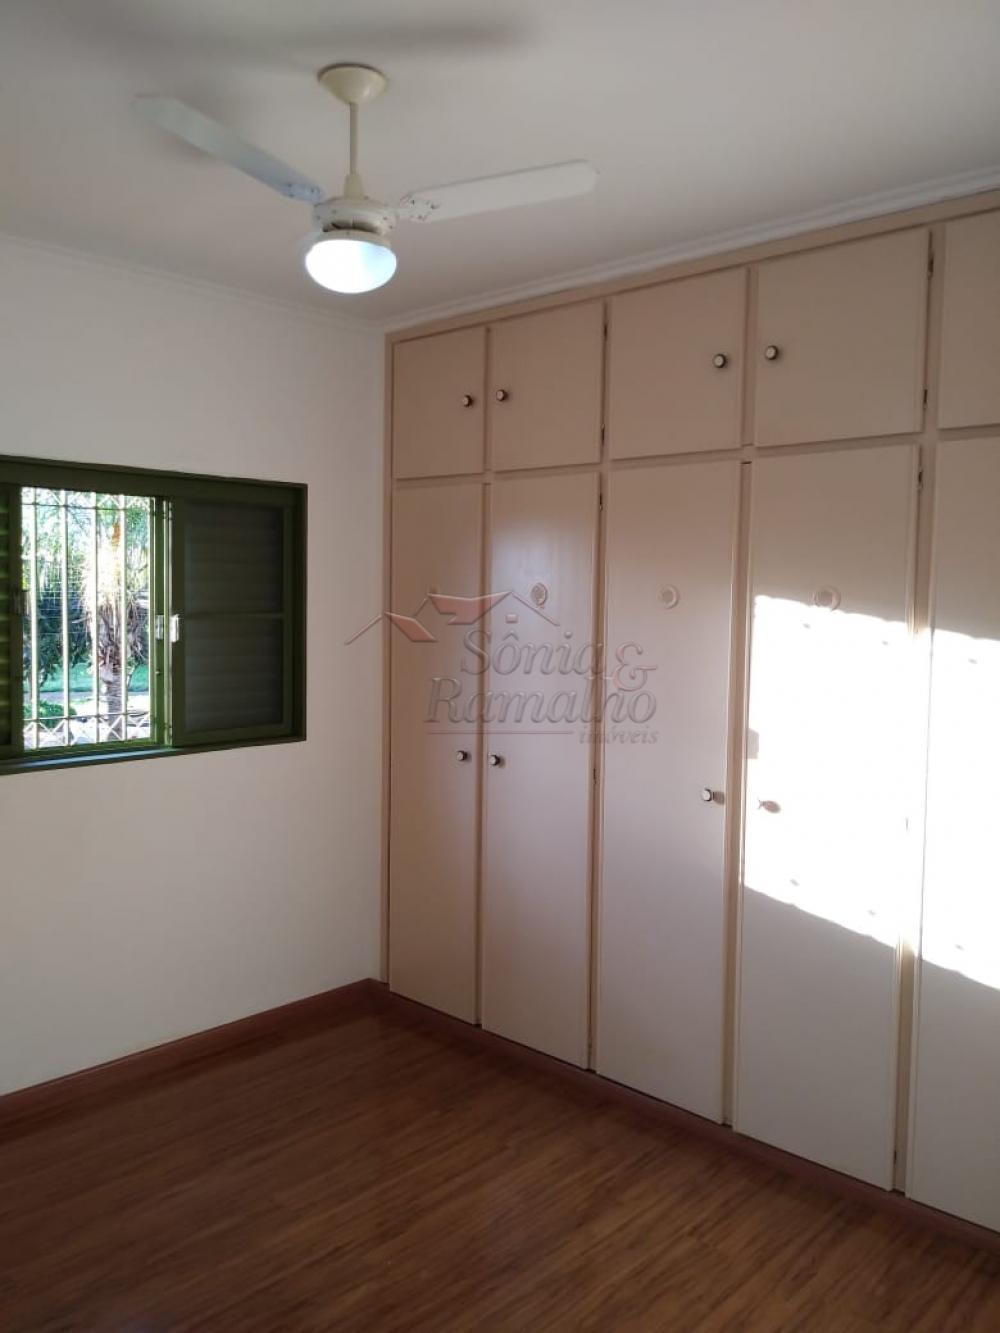 Alugar Casas / Padrão em Ribeirão Preto apenas R$ 3.600,00 - Foto 28